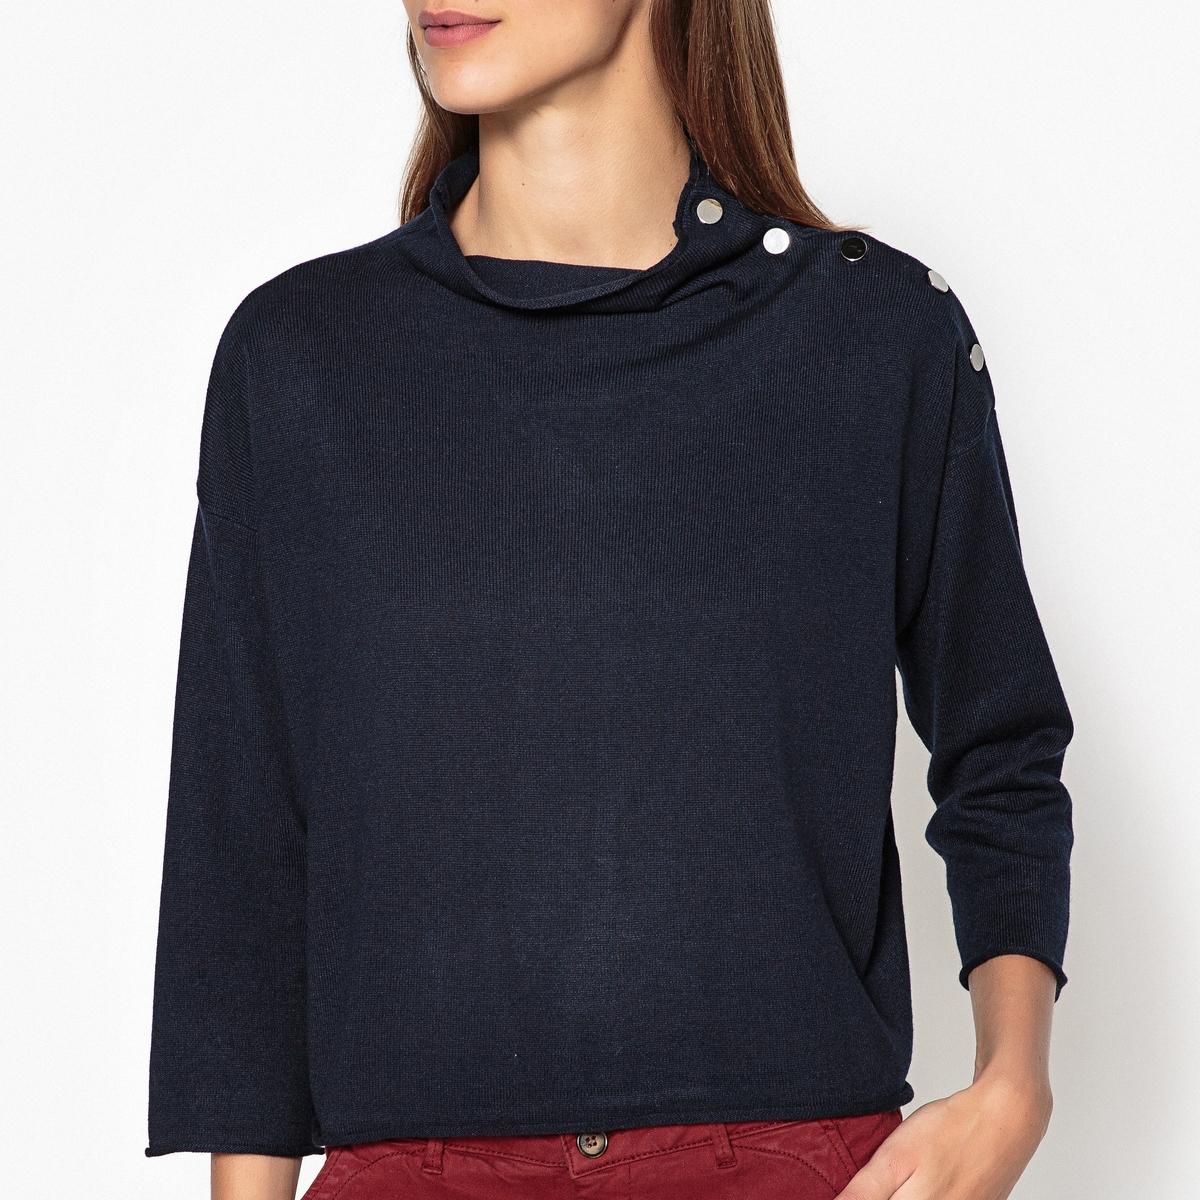 Пуловер MAJIKAПуловер HARRIS WILSON - модель MAJIKAДетали •  Пуловер короткий •  Рукава 3/4 •  Воротник-стойка •  Тонкий трикотаж Состав и уход •  38% вискозы, 47% шерсти, 5% кашемира, 10% полиамида •  Следуйте советам по уходу, указанным на этикетке<br><br>Цвет: темно-синий